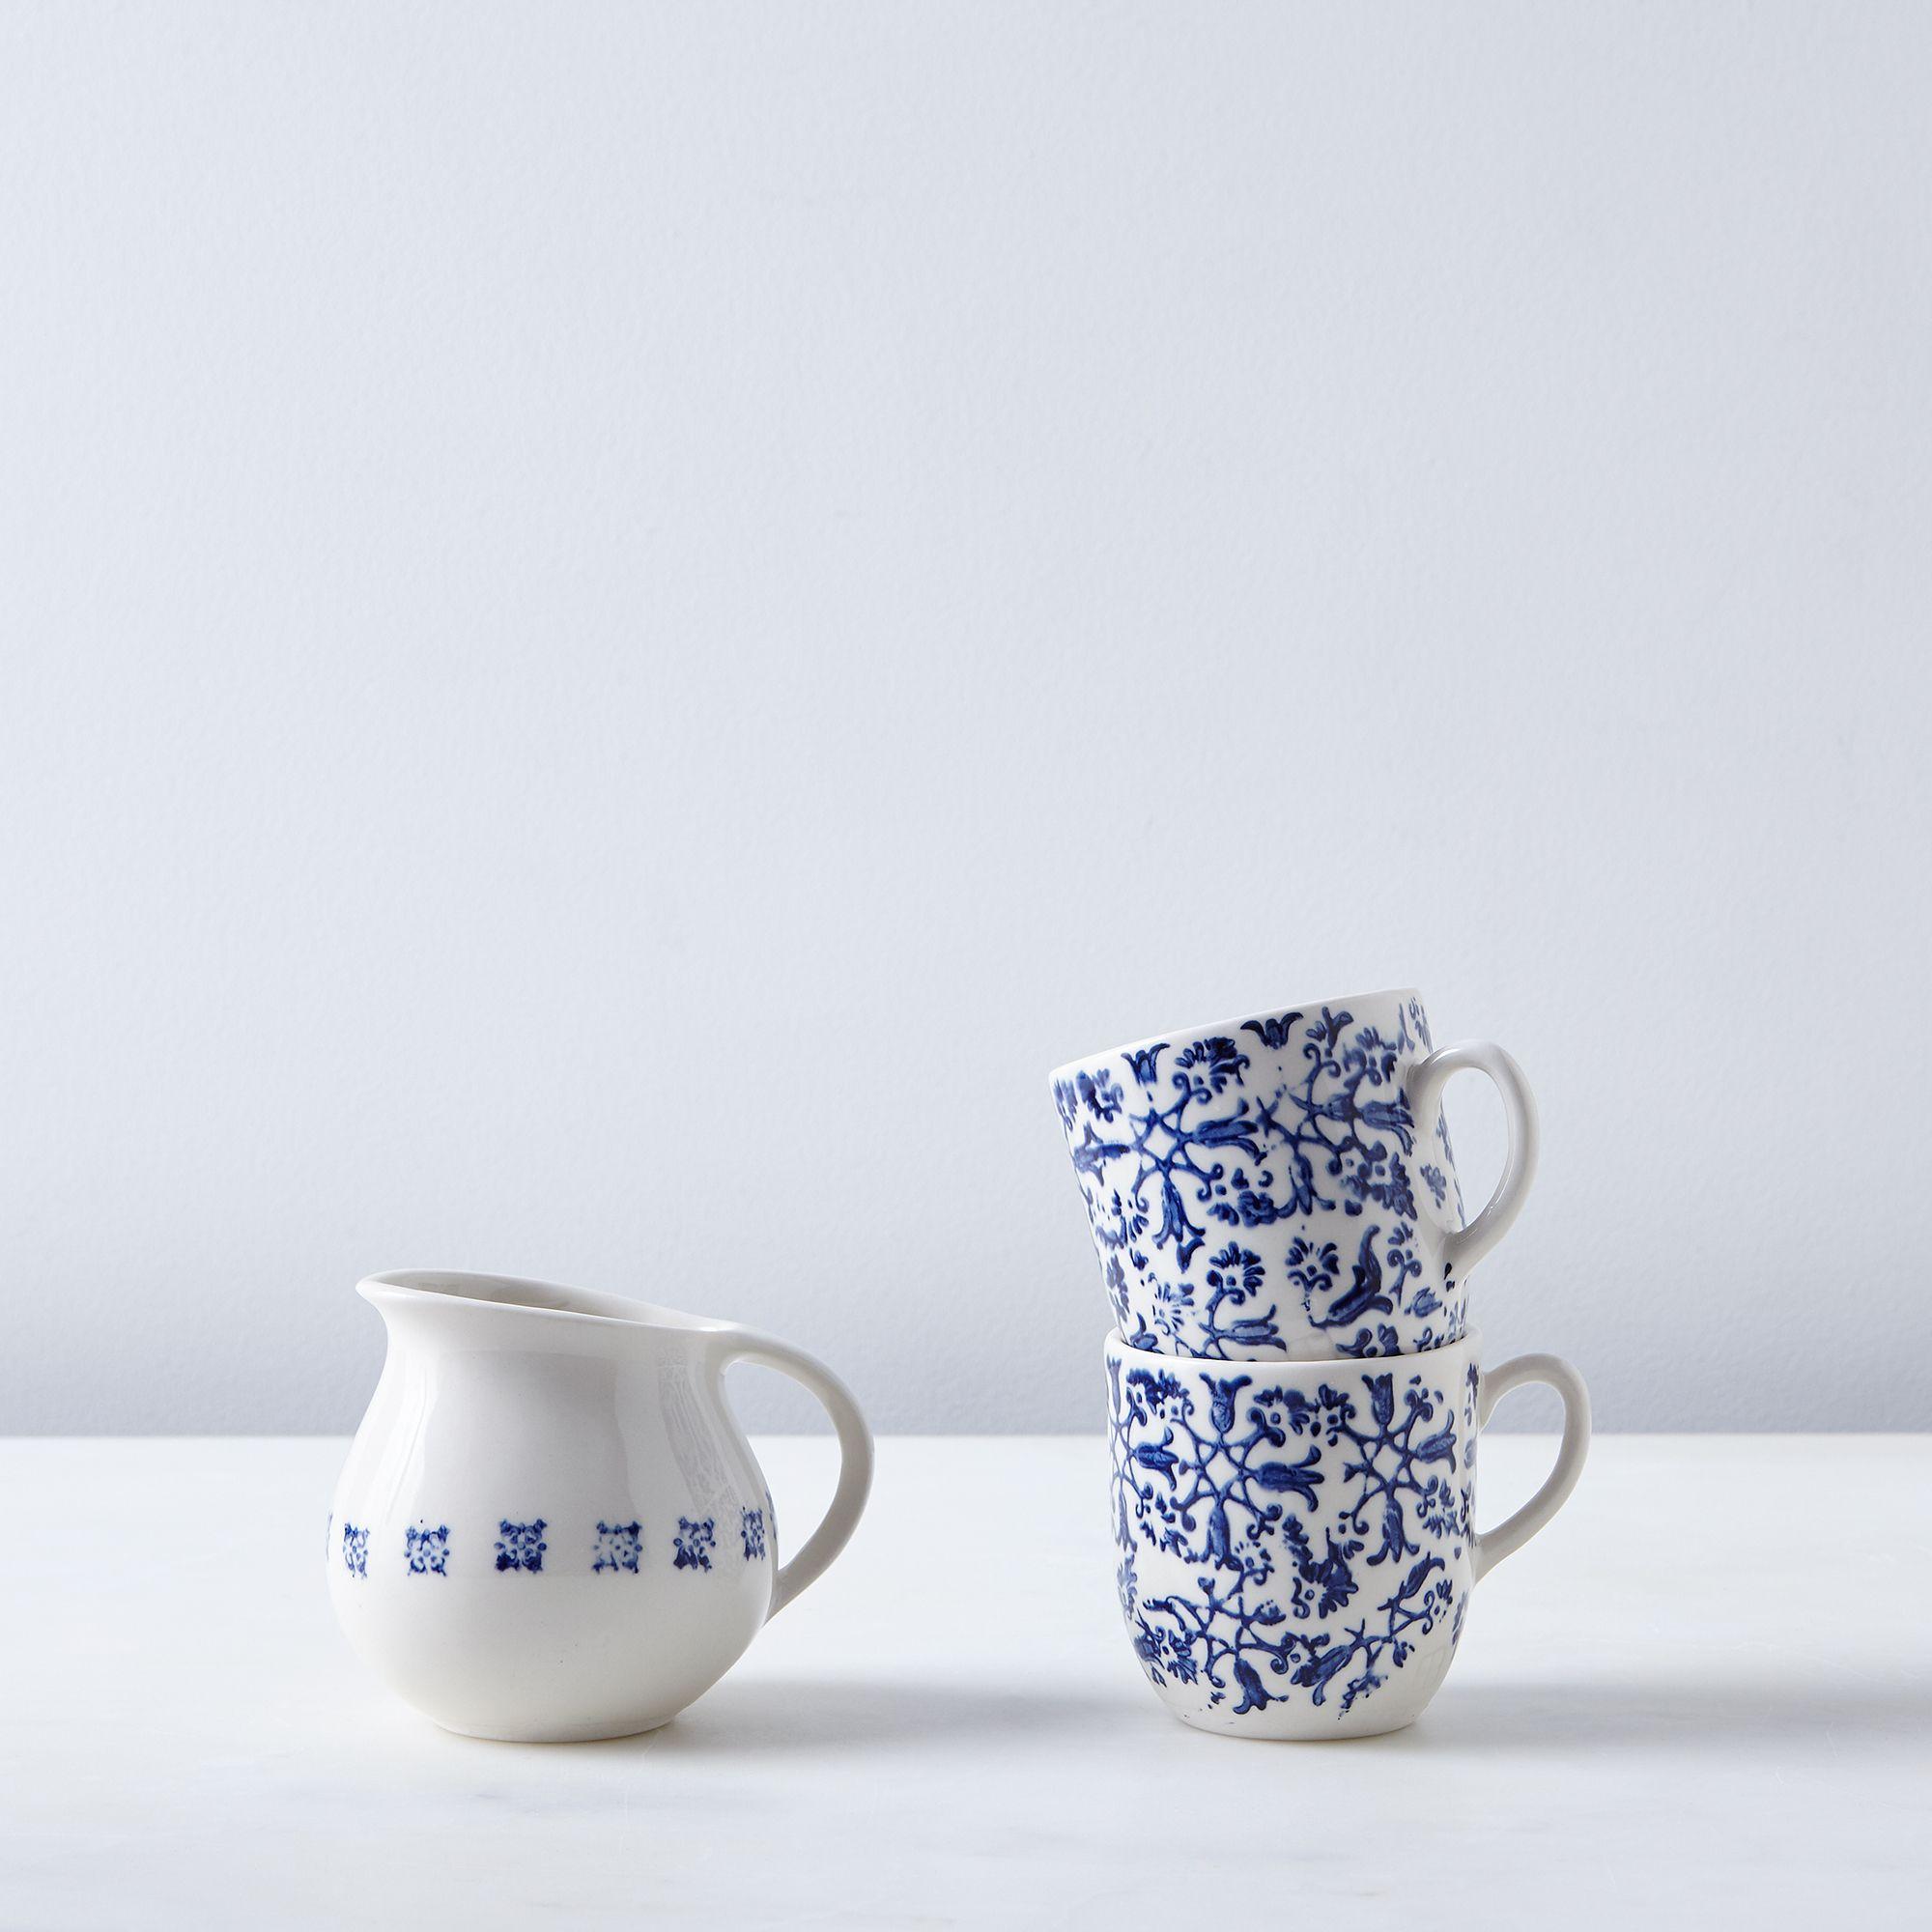 6ca40d88 5c6c 44b2 979c 673d2d13e23b  2016 0610 art et manufacture floral cups and creamer tile silo rocky luten 001